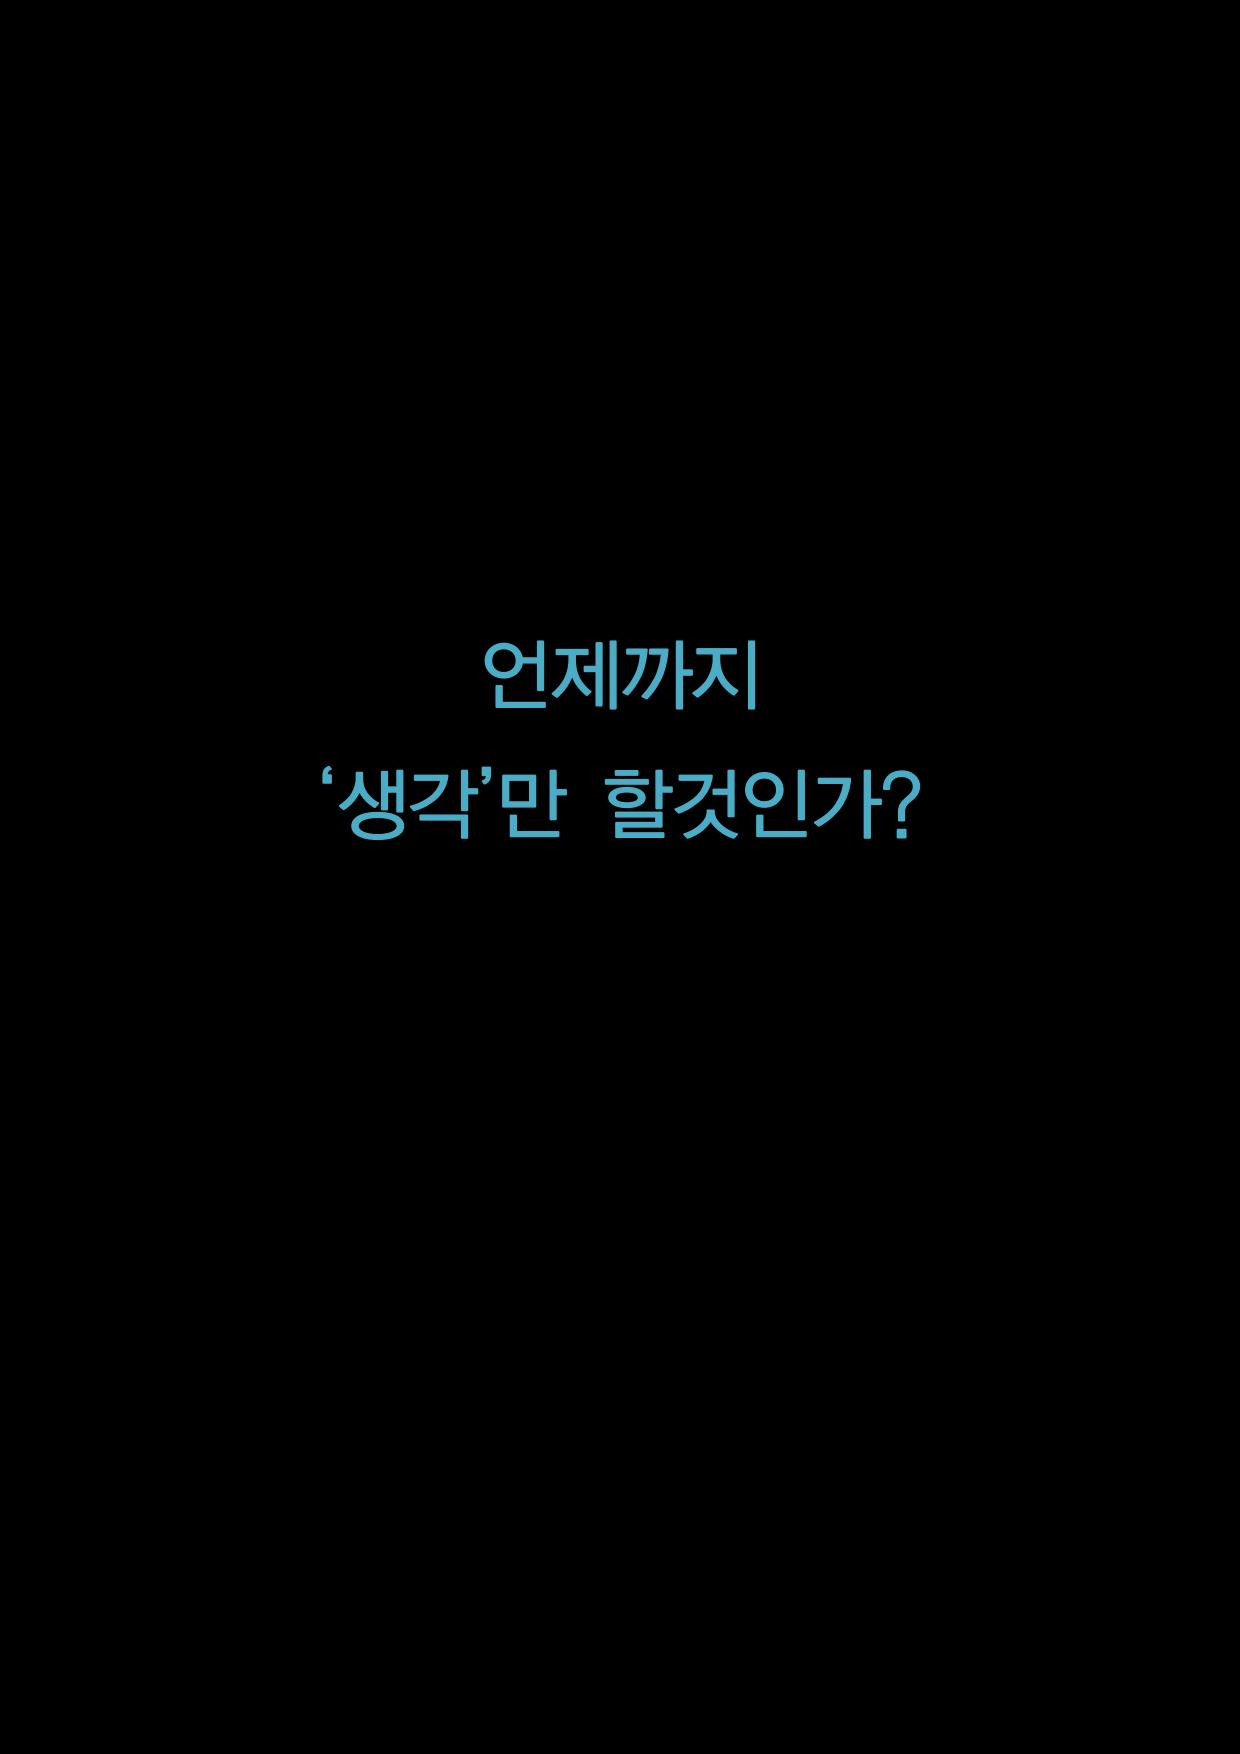 본 머티리어 1회차 홍보글 v3(수강후기 따로 편집요함)_44.png